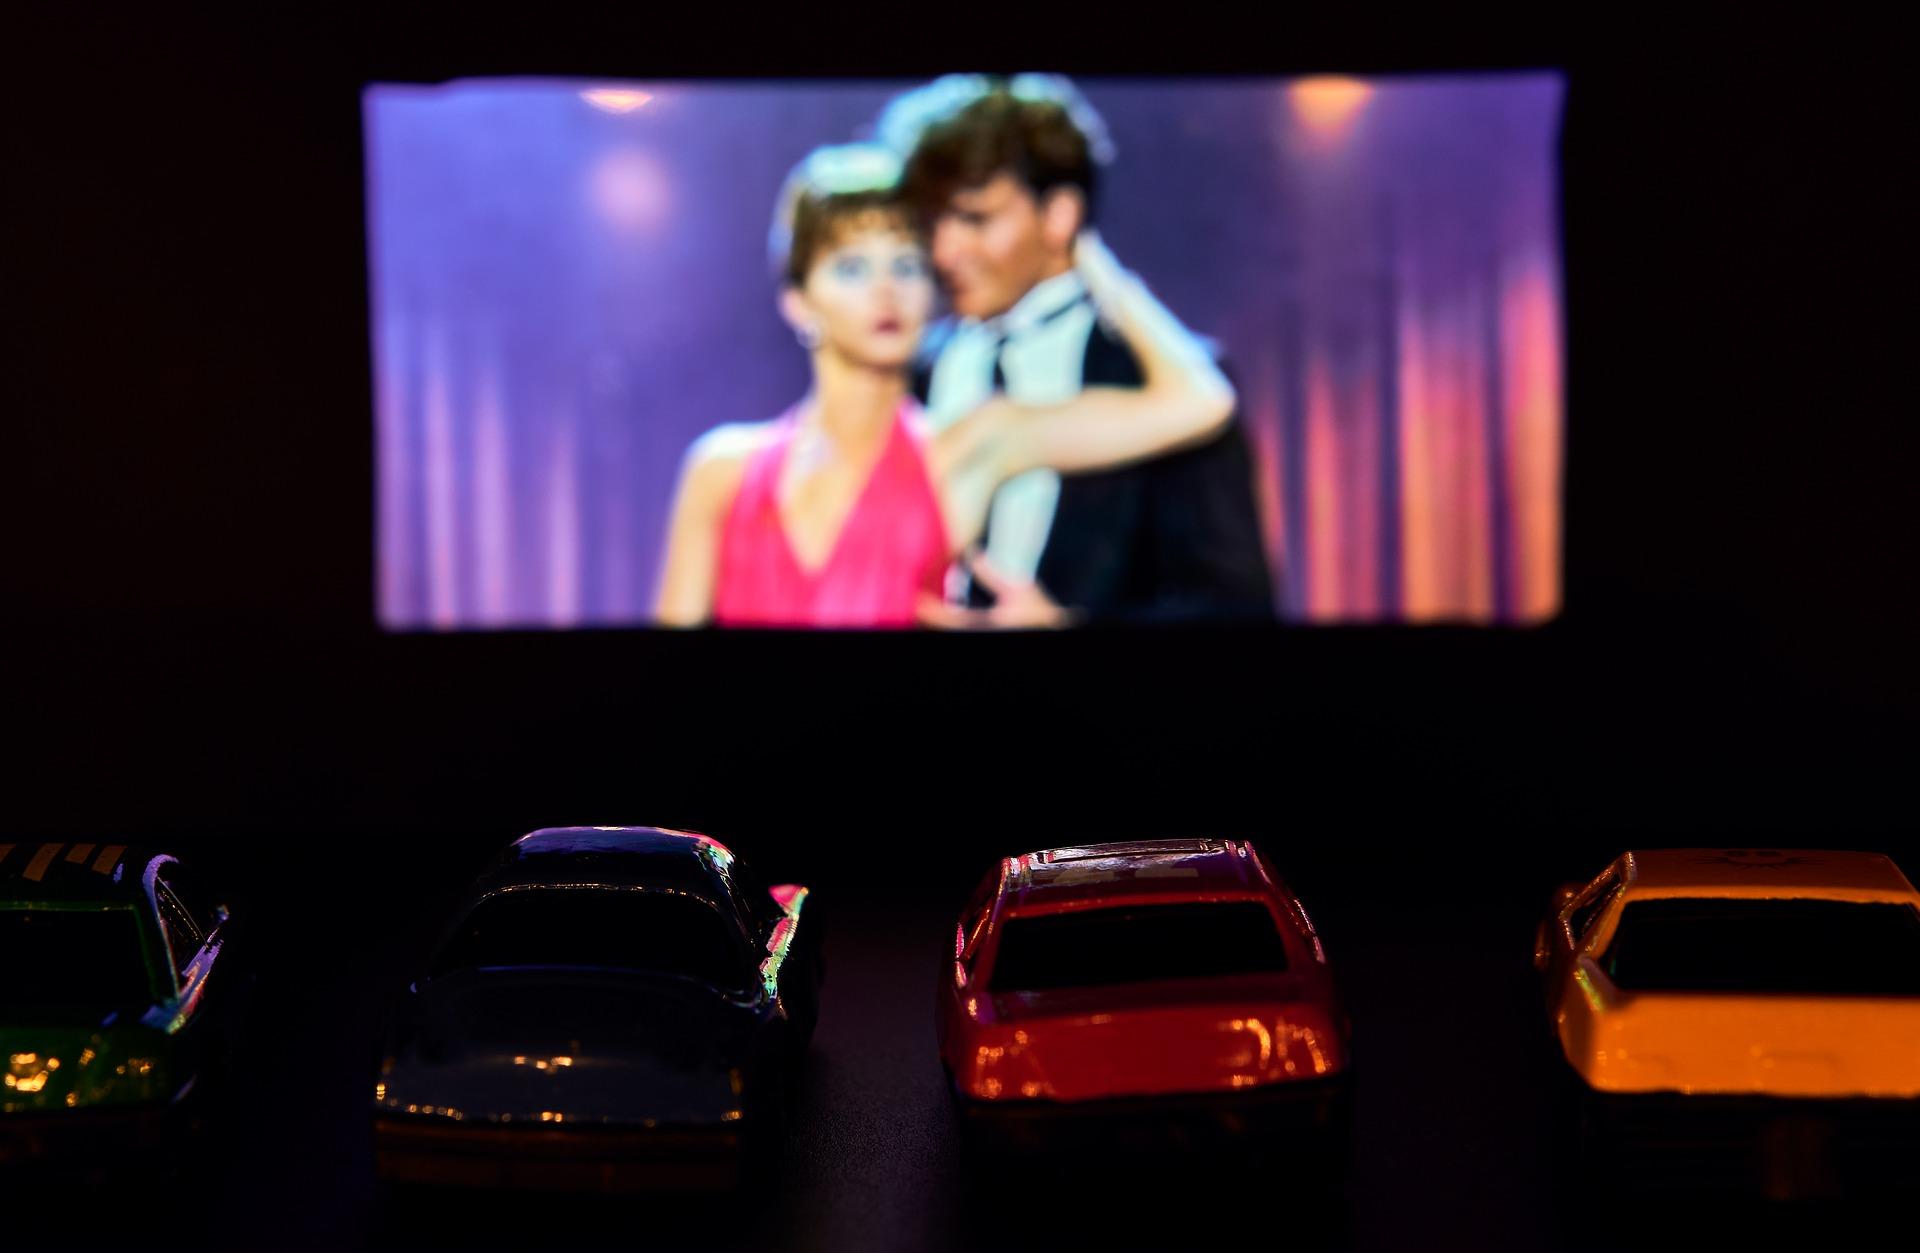 Il divertimento dopo il Covid-19, parte 2: la magia del cinema con Sunset Drive In